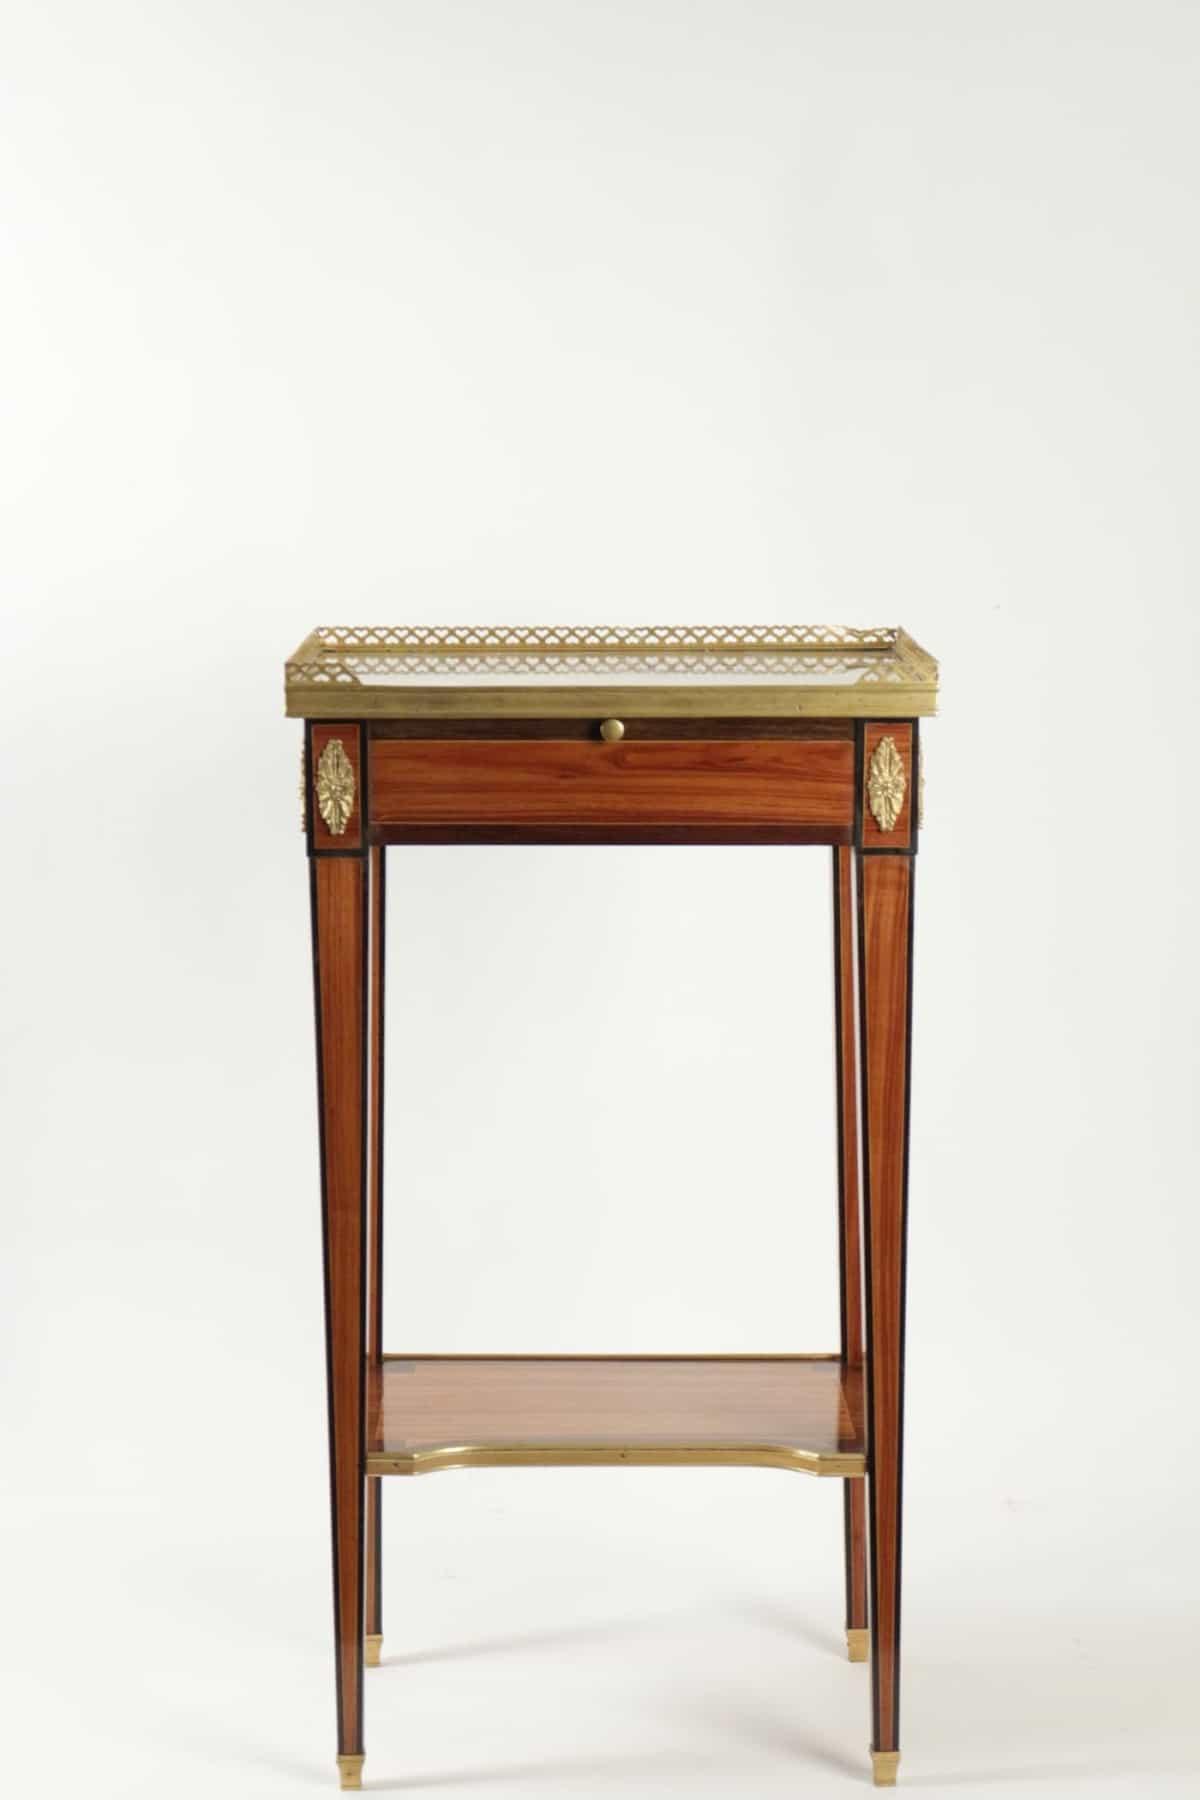 le march biron petite table louis xvi marbre bronze. Black Bedroom Furniture Sets. Home Design Ideas